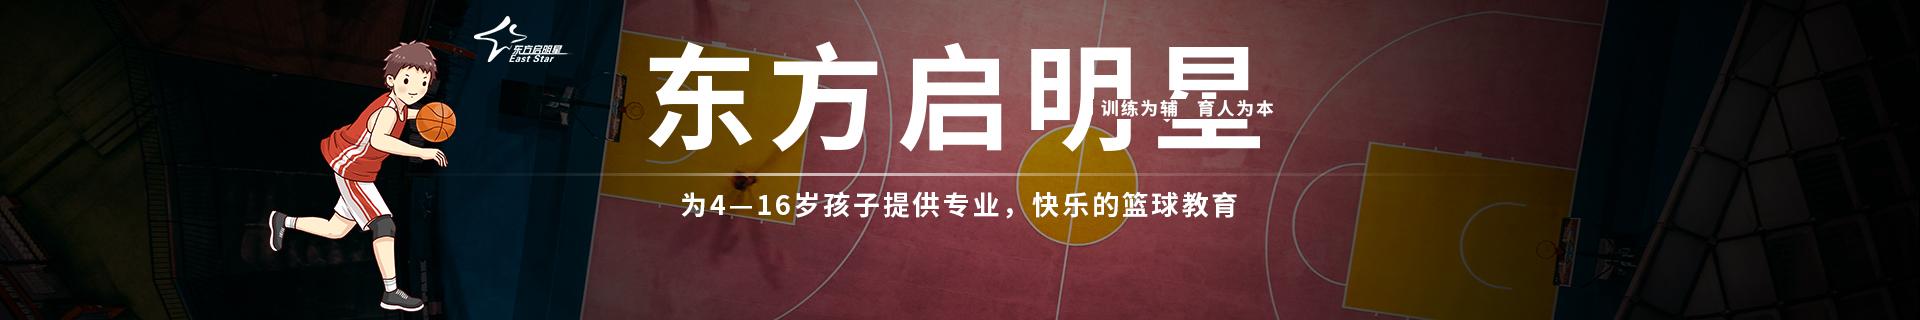 杭州余杭区东方启明星和家园校区